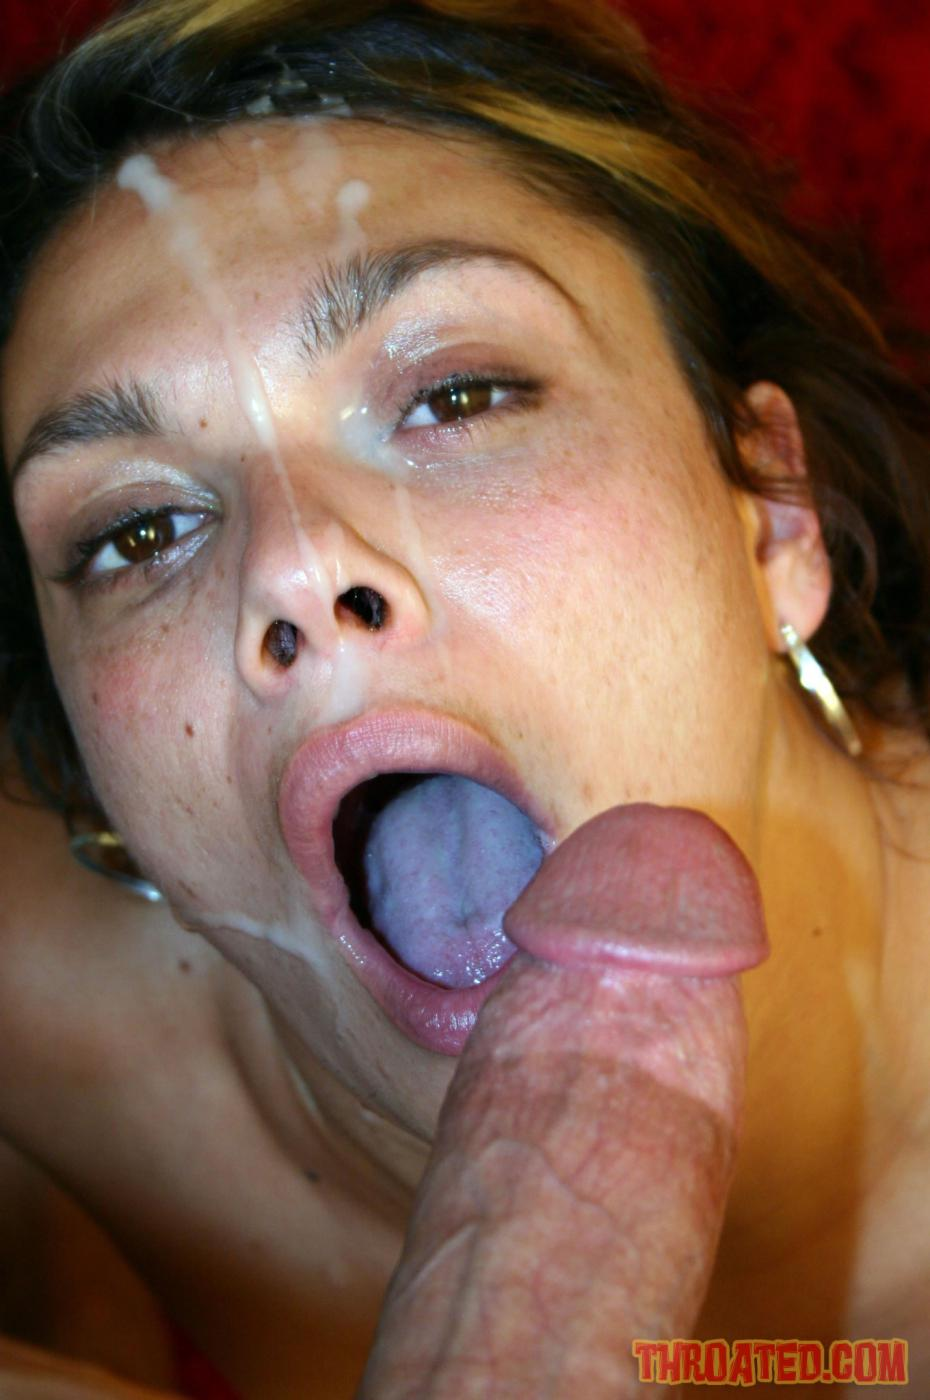 Isabella Stanza подставила лицо под фонтаны спермы после глубокой работы ртом и растопыривает свои ноги. Порно stanza.